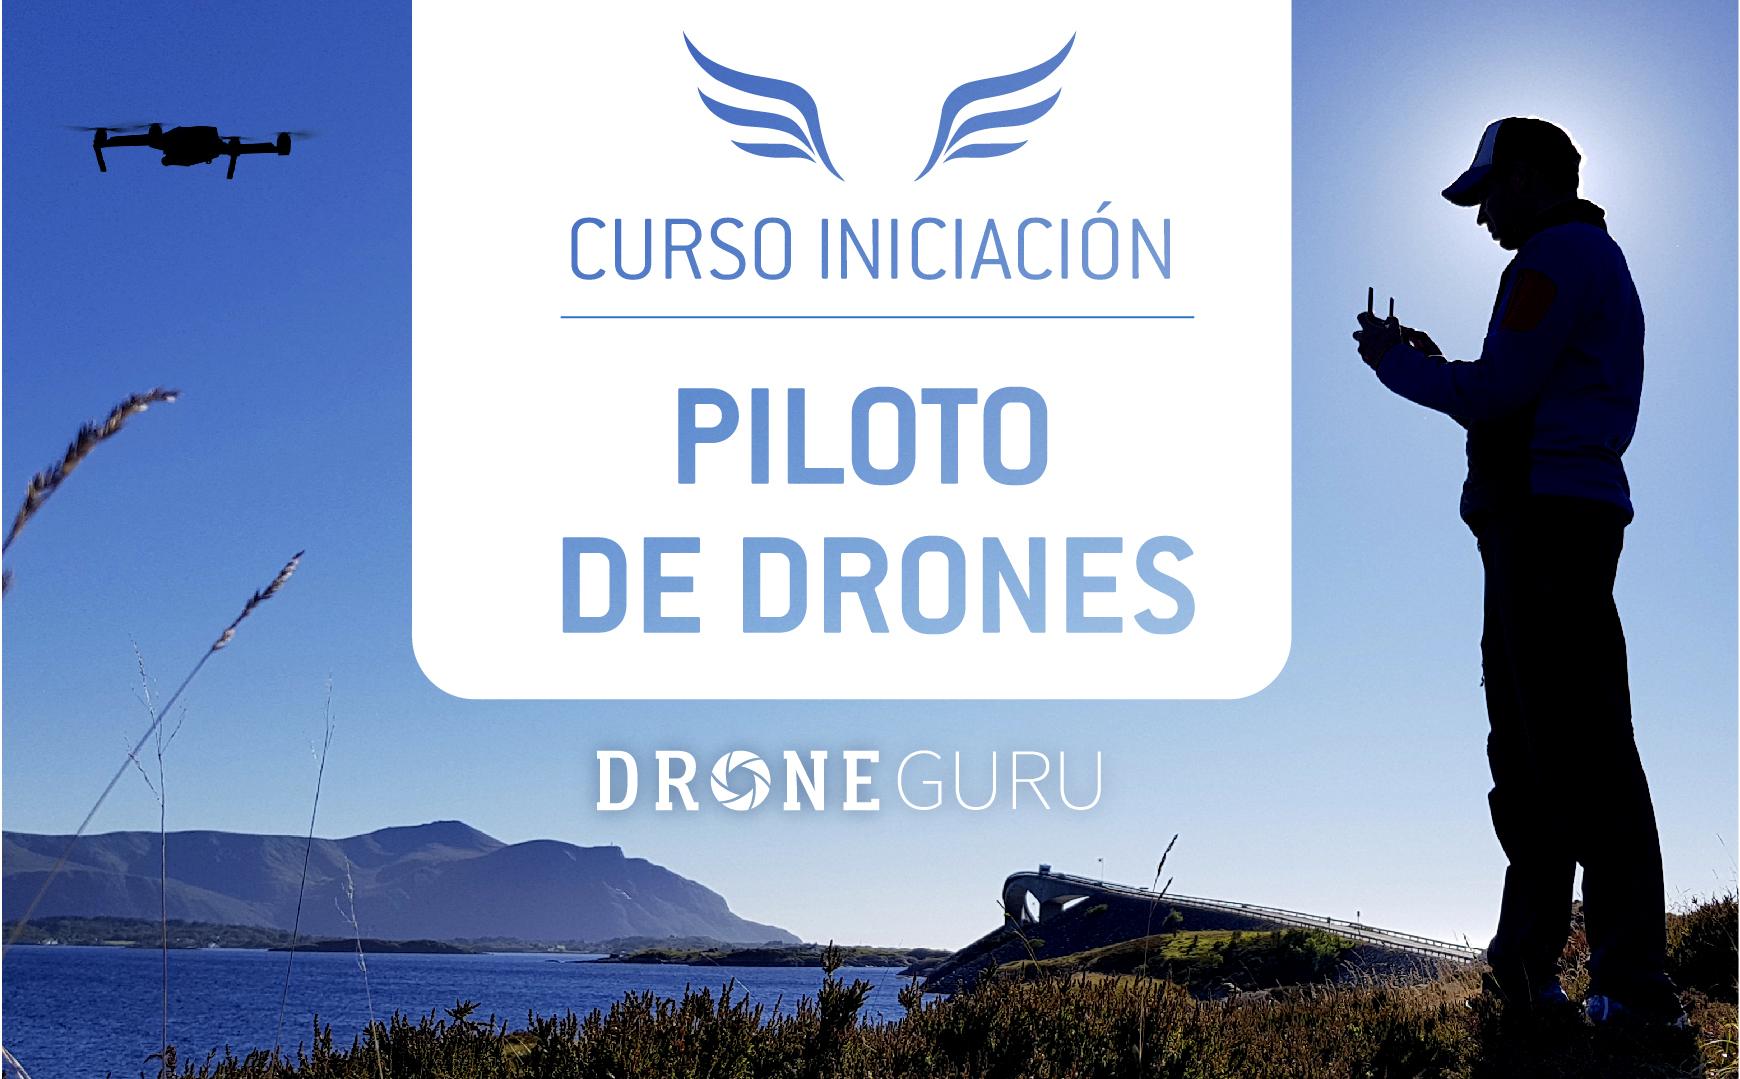 Foto del curso de Iniciación como piloto de drones